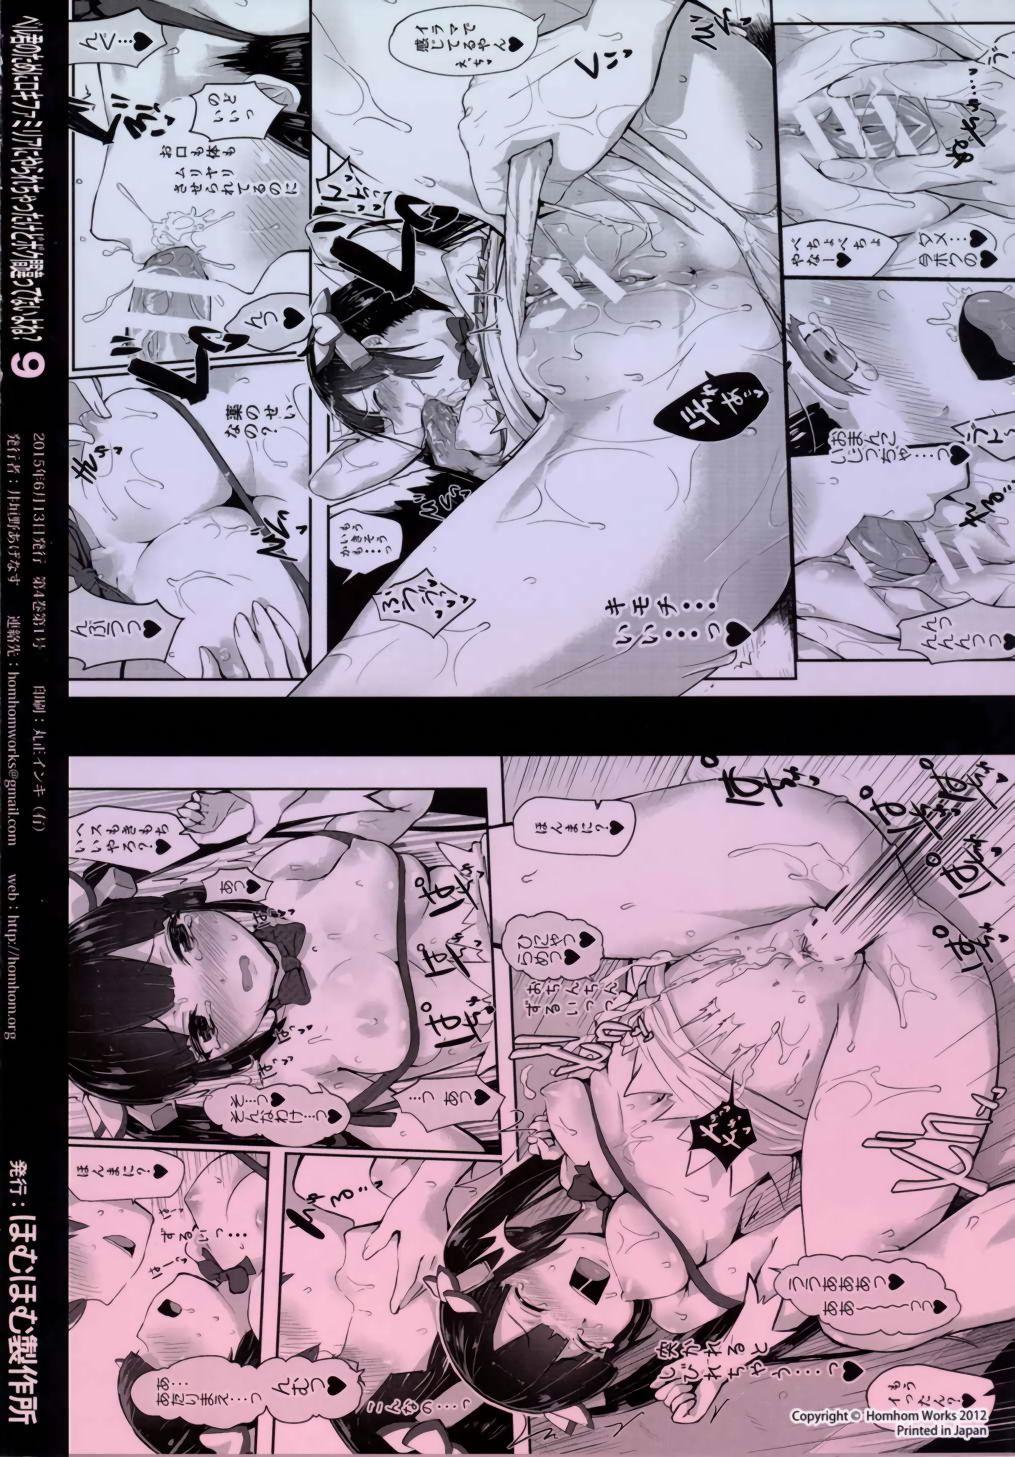 Bell-kun no Tame ni Loki Familiar ni Yararechatta kedo Boku Machigattenai yo ne? 29